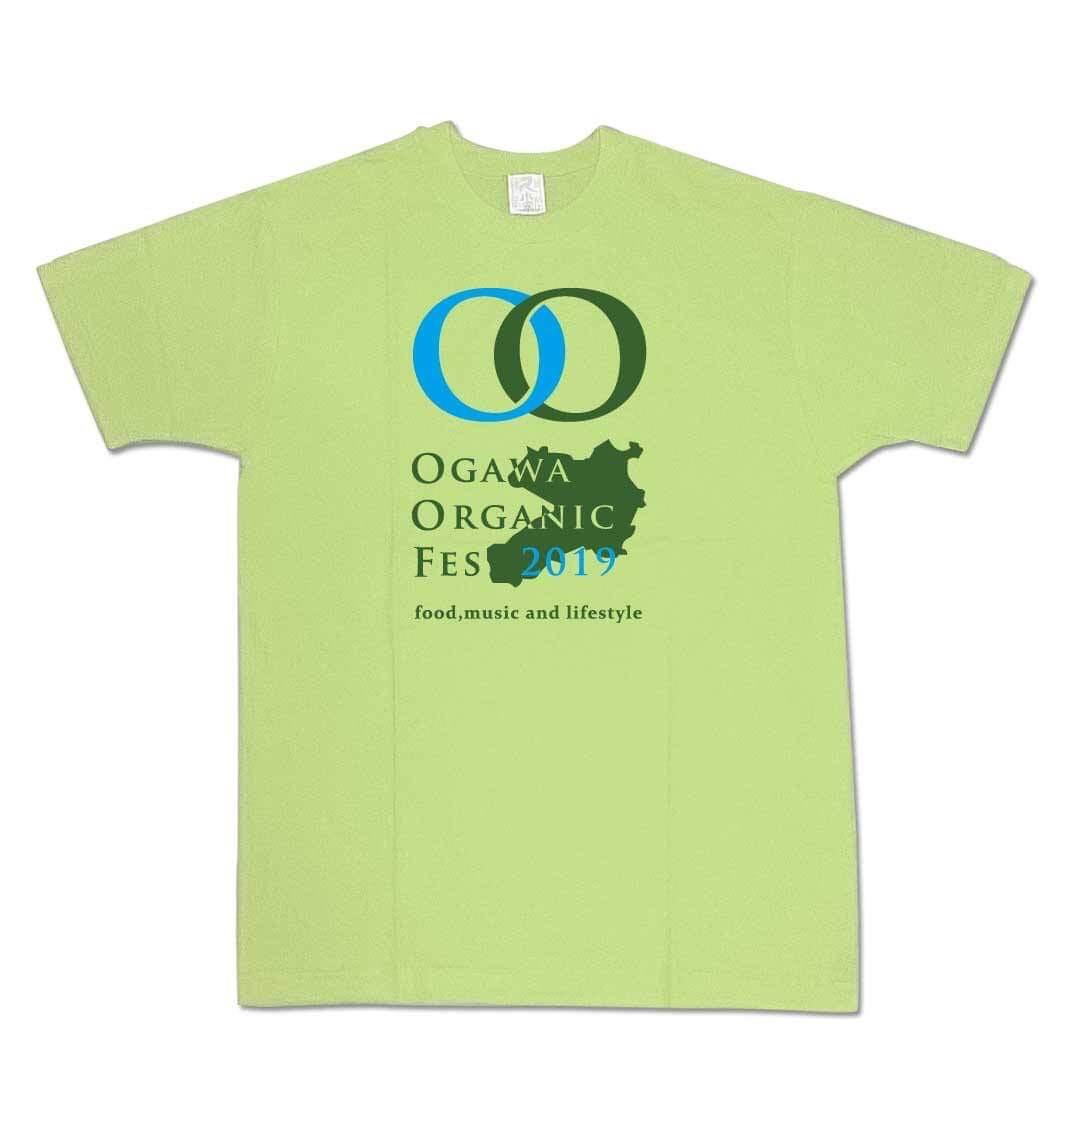 Fes19協賛Tシャツ表面決定